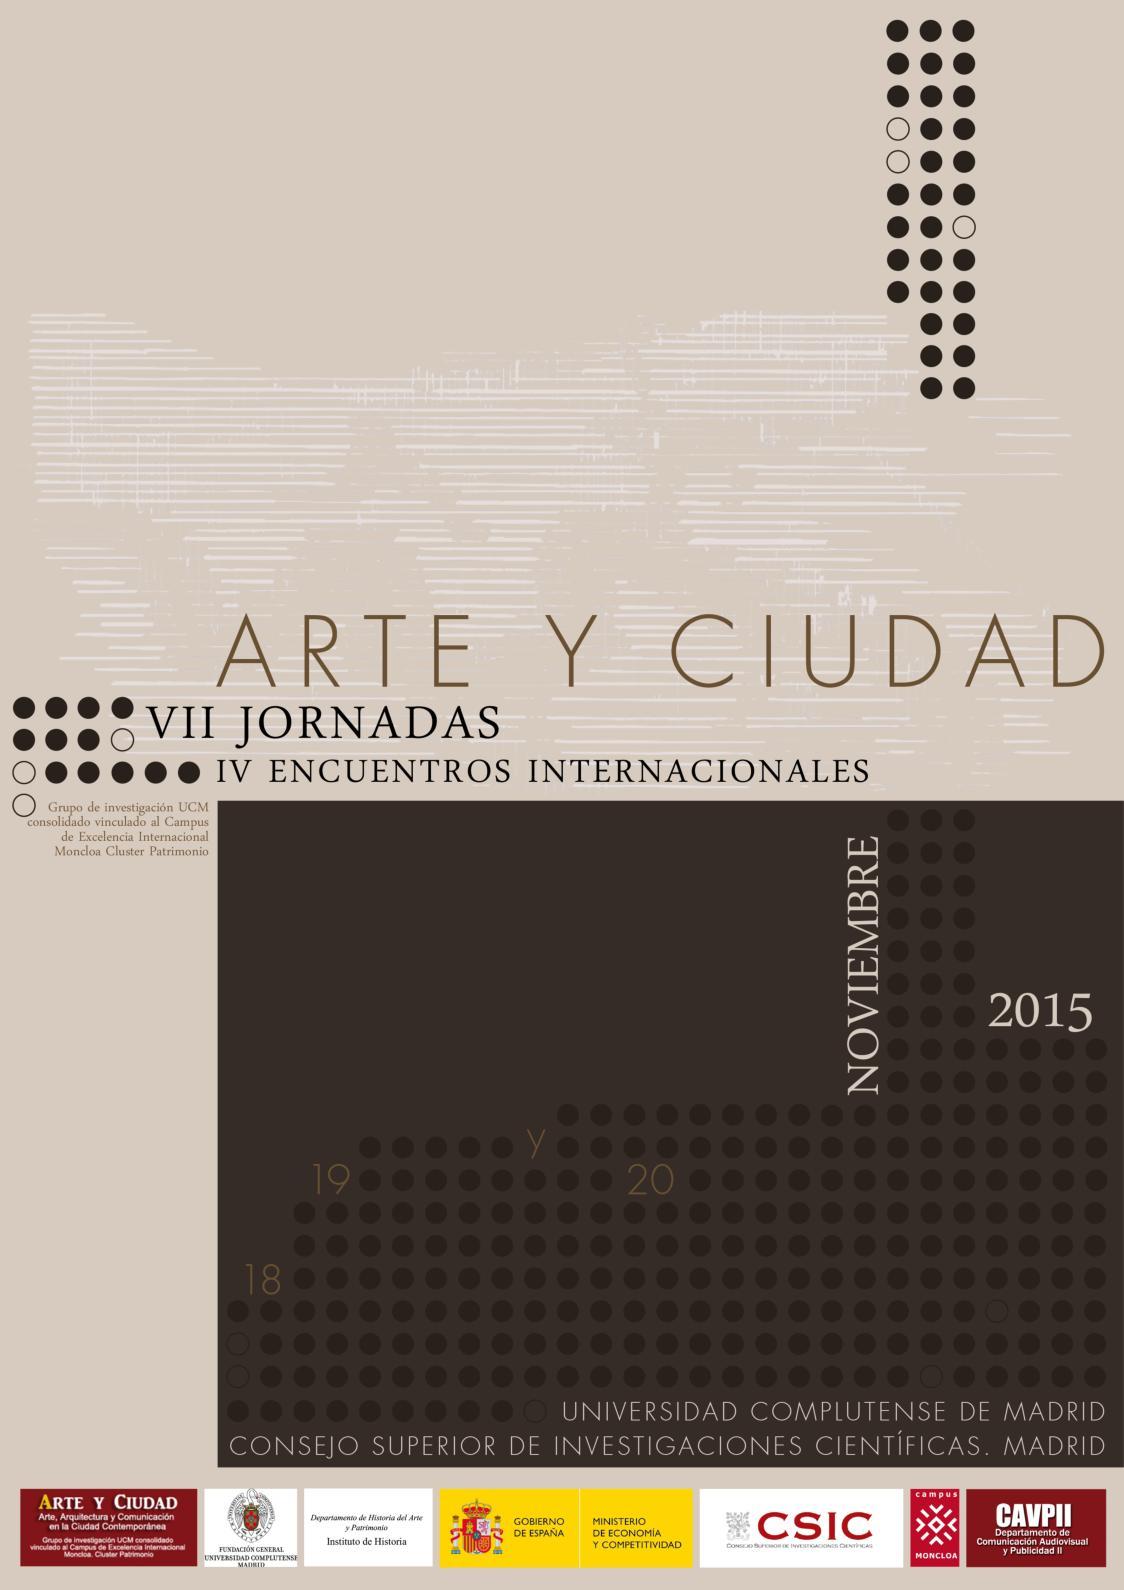 Calameo Vii Jornadas Arte Y Ciudad Iv Encuentros